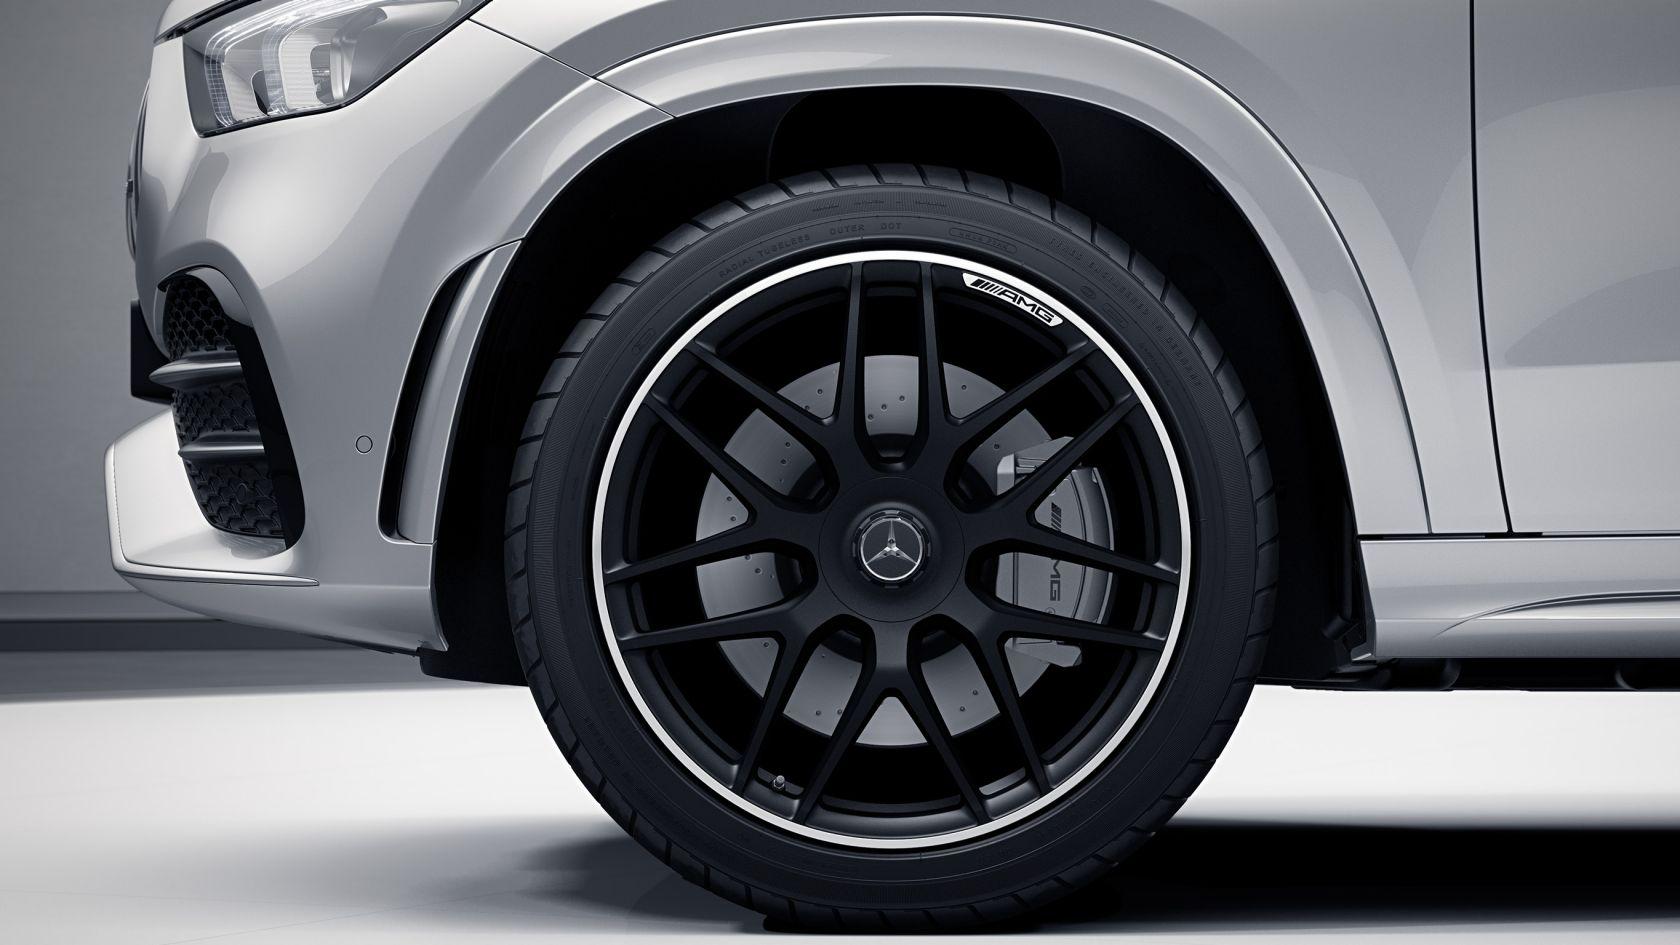 22-дюймовые легкосплавные диски колес с перекрещенными спицами